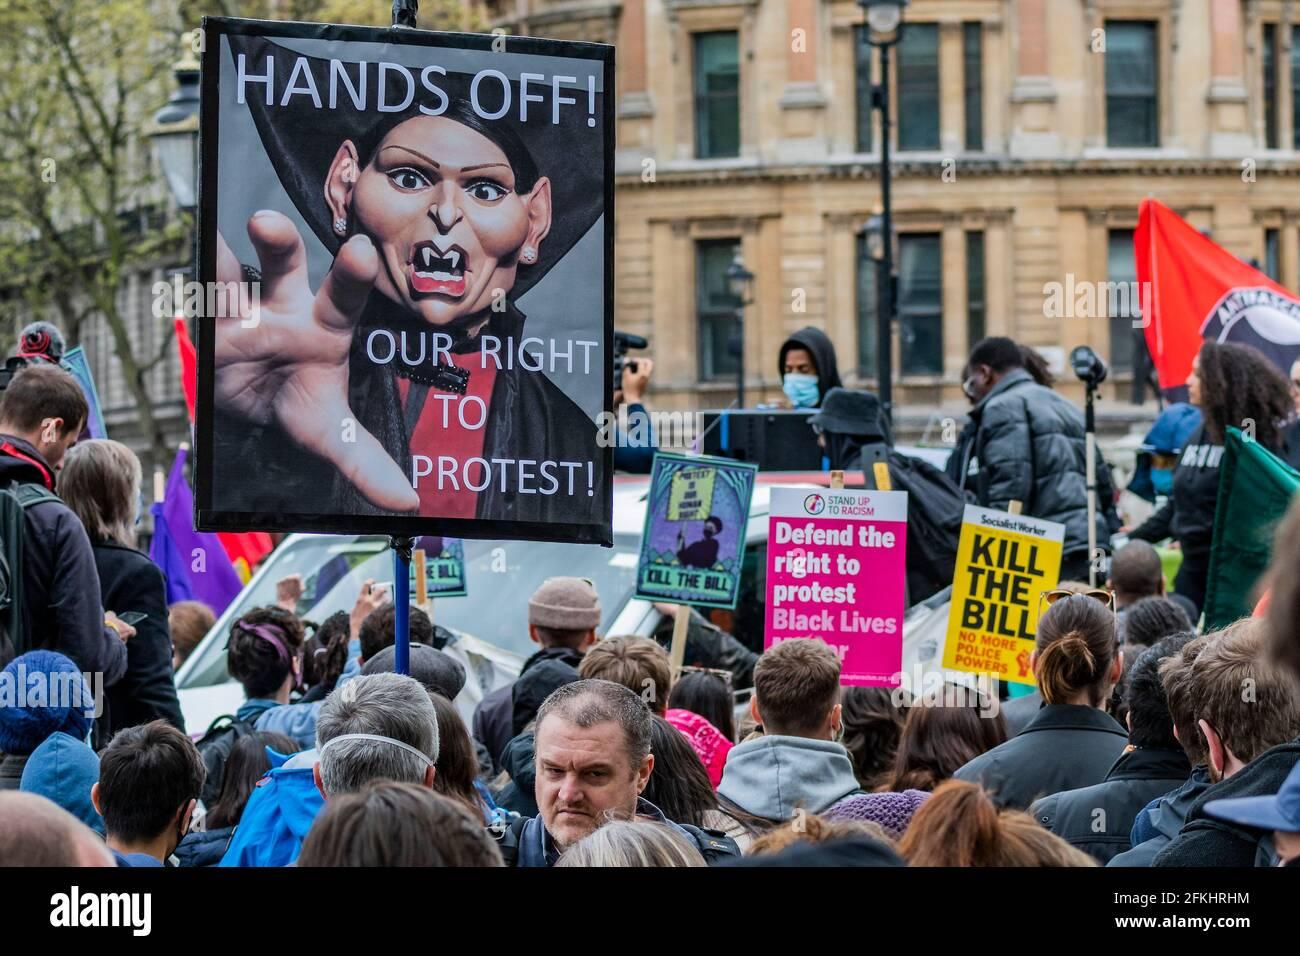 Londres, Reino Unido. 1st de mayo de 2021. Deja fuera nuestro derecho a protestar con una imagen de escupir Priti Patel vampiro - Matar el proyecto de ley Protesta por personas enojadas con la nueva legislación llamada la Ley de Policía, Crimen, Sentencias y Tribunales, que daría a la policía más poderes para imponer restricciones a las protestas. La protesta fue apoyada por varios grupos, entre ellos Sisters Uncut, Extinction Rebellion y Black Lives Matter. Crédito: Guy Bell/Alamy Live News Foto de stock